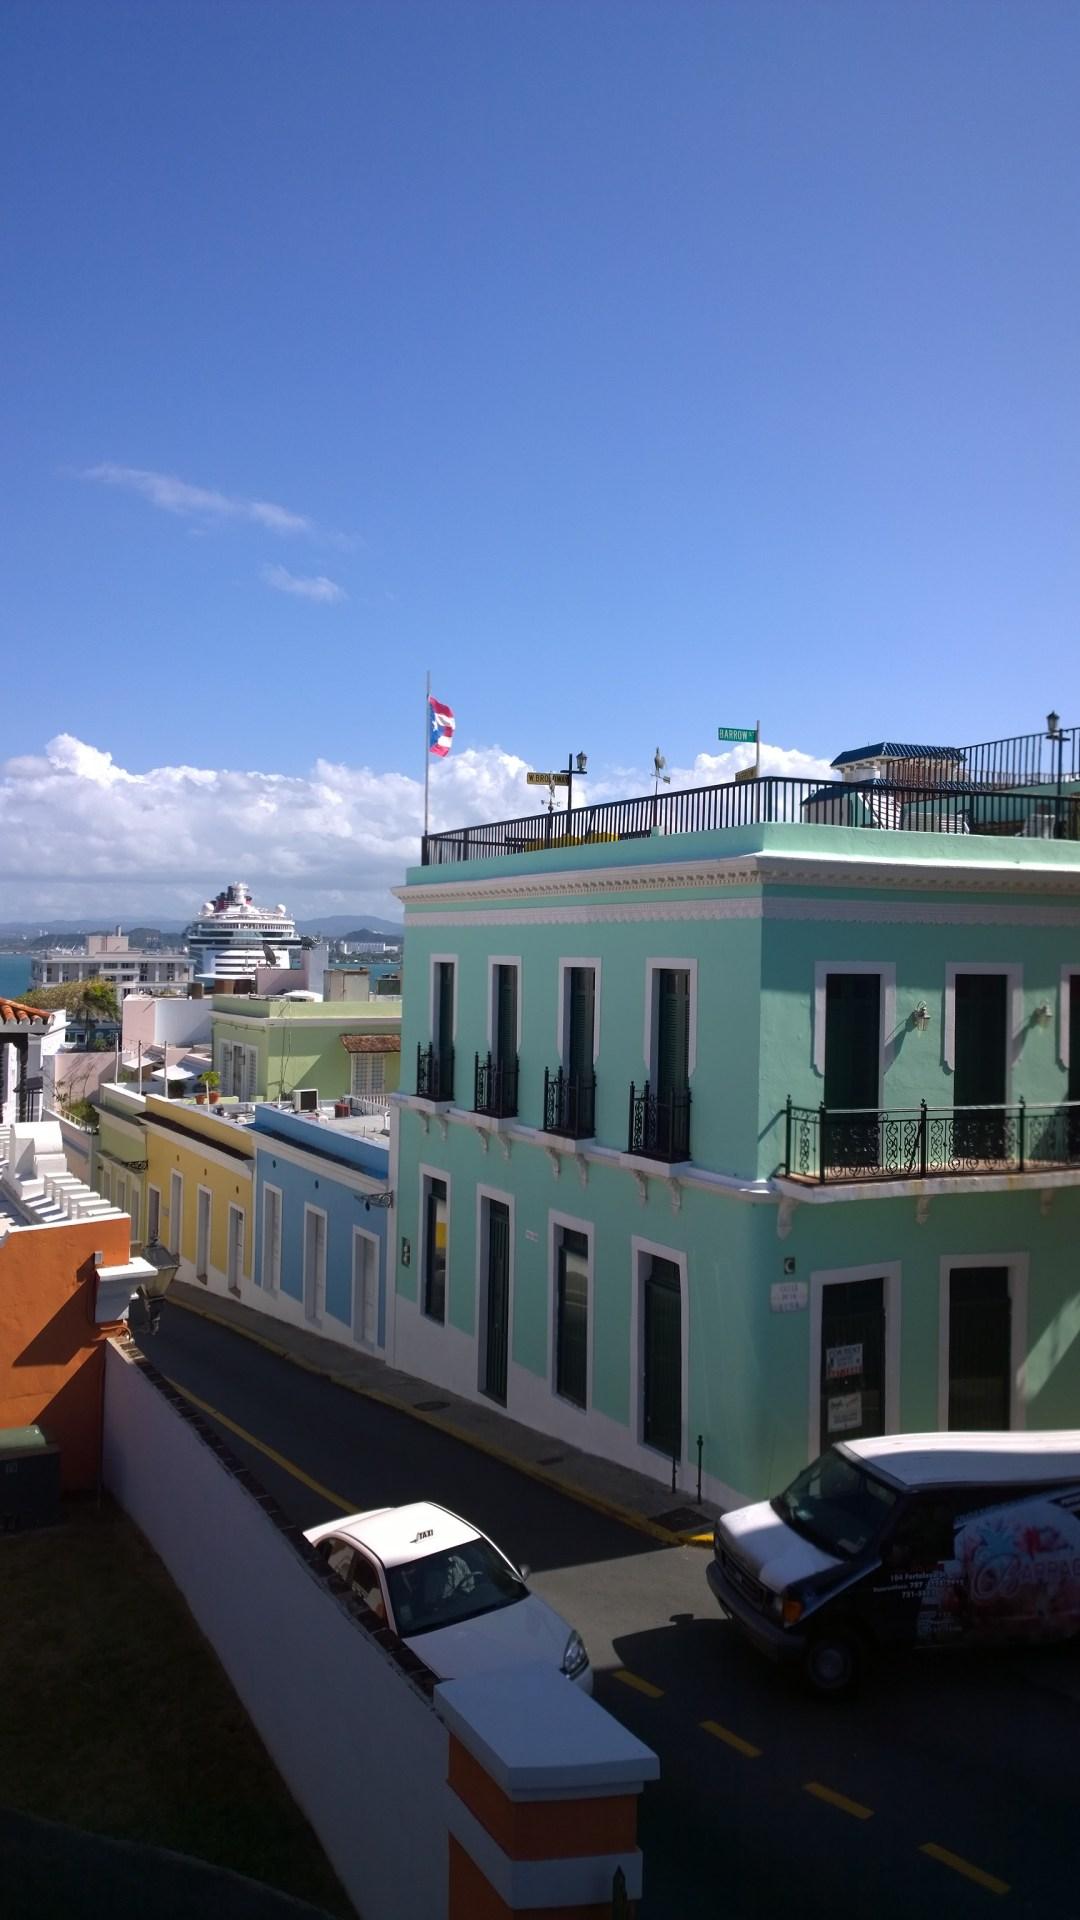 Vanha kaupunginosa on valtaosin kunnostettu ja täynnä upeita värejä.